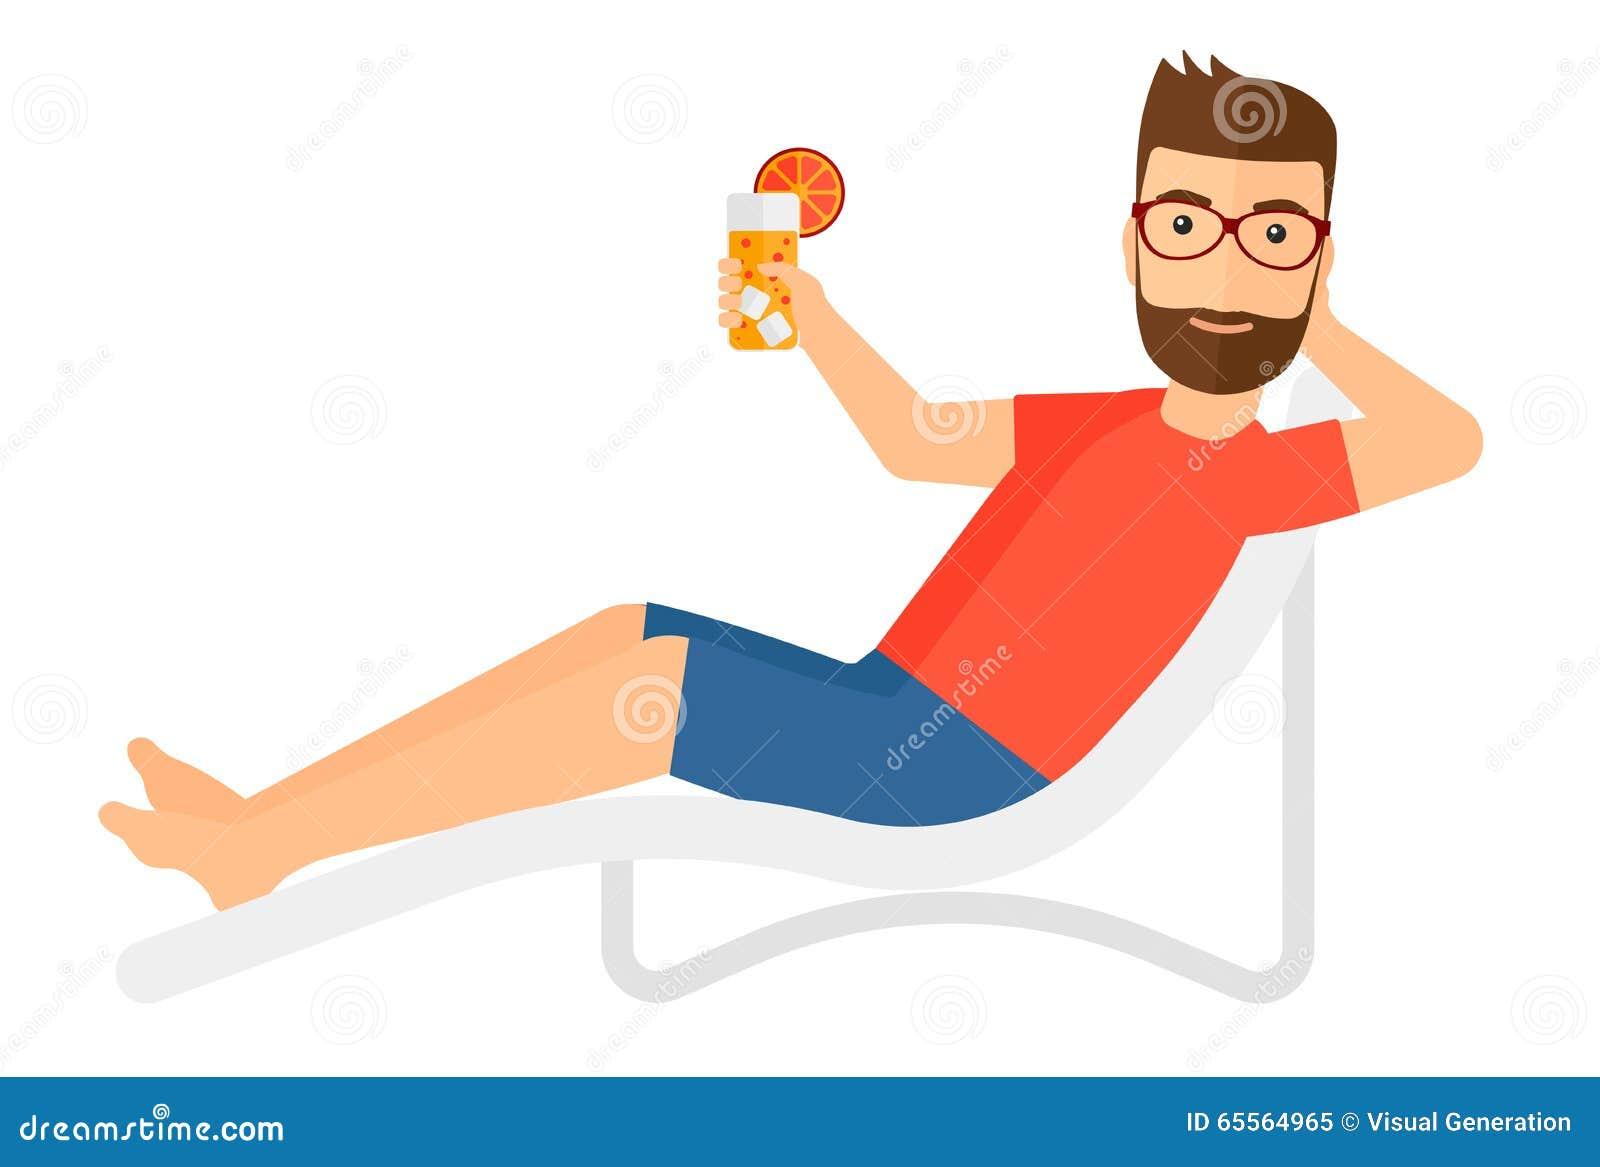 De Homme S'asseyant Dans Vecteur Illustration Longue La Chaise vOmNwn08